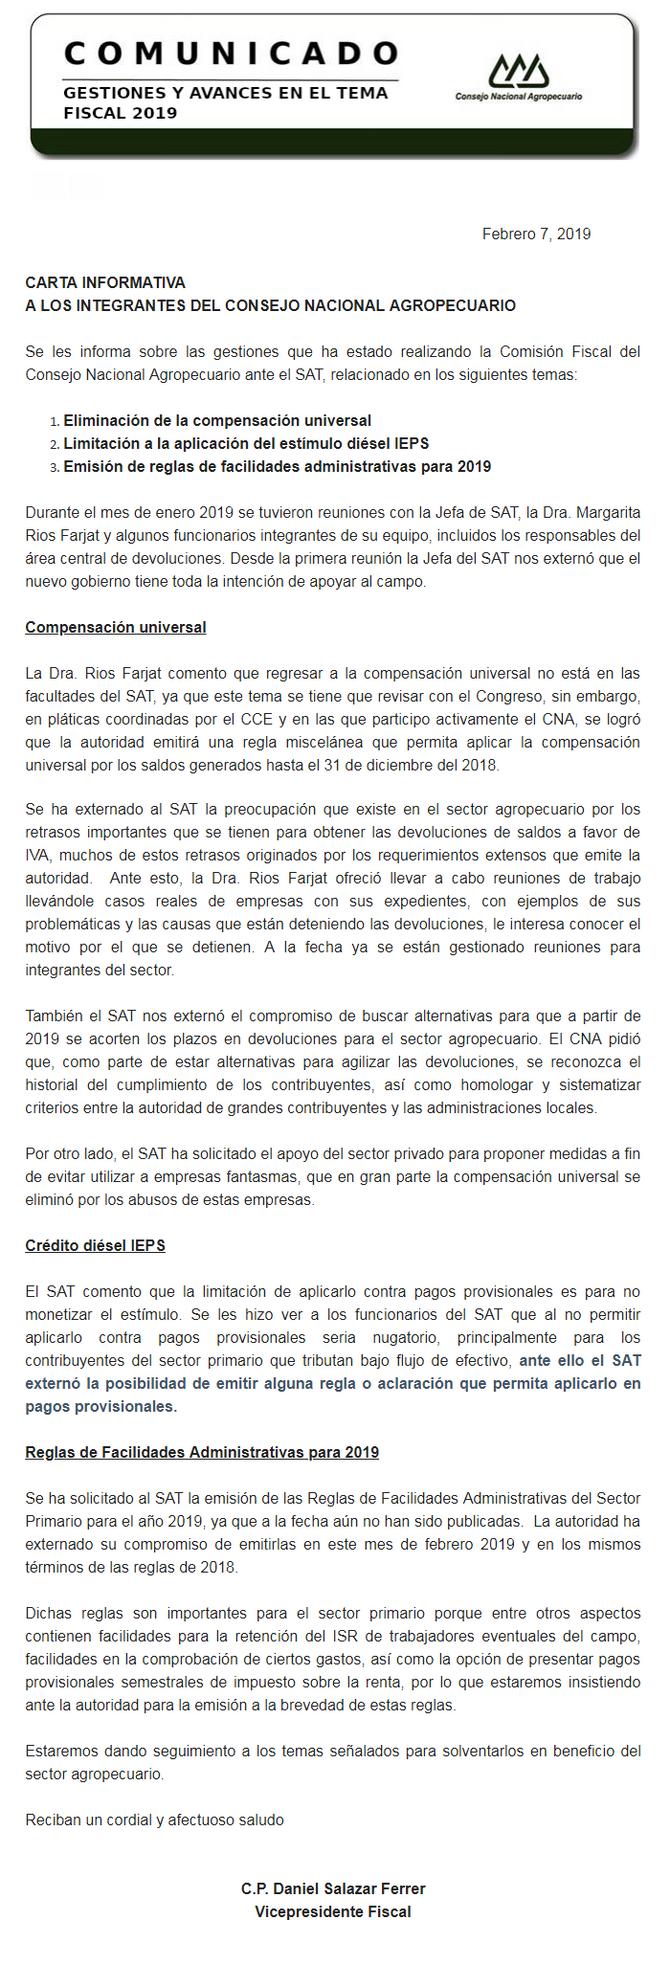 COMUNICADO CNA : GESTIONES Y AVANCES EN EL TEMA FISCAL 2019